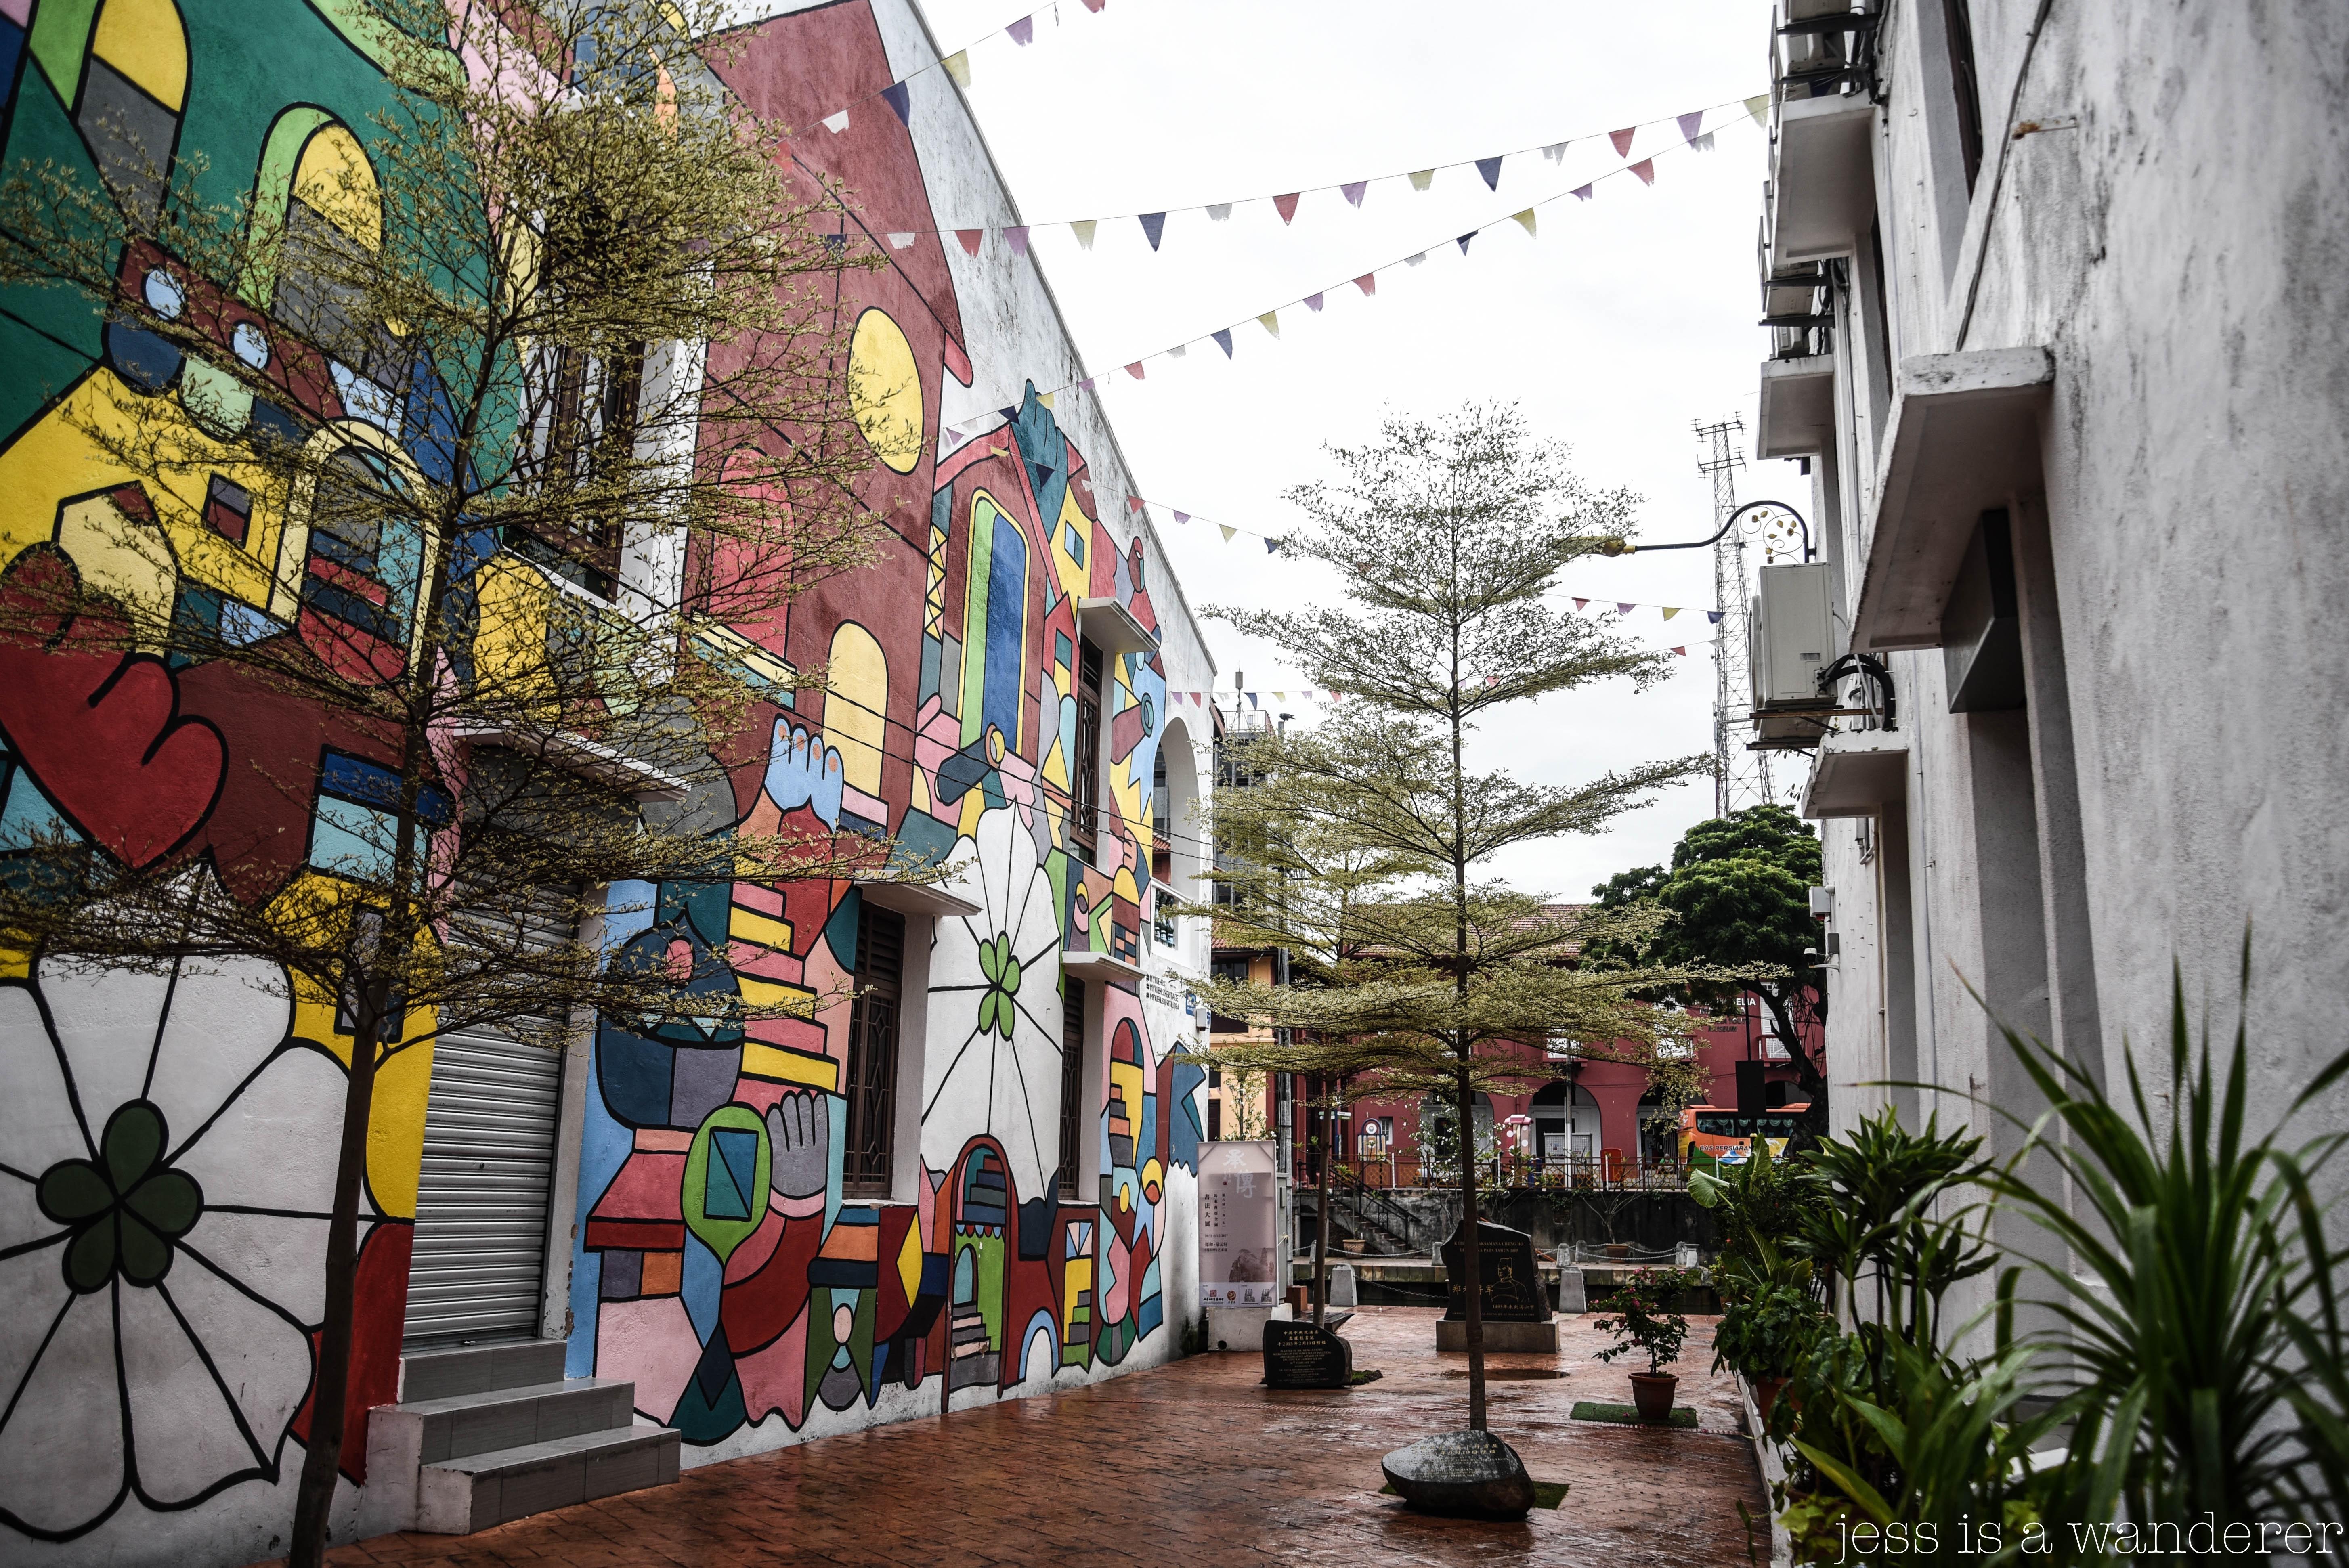 A Street of Street Art